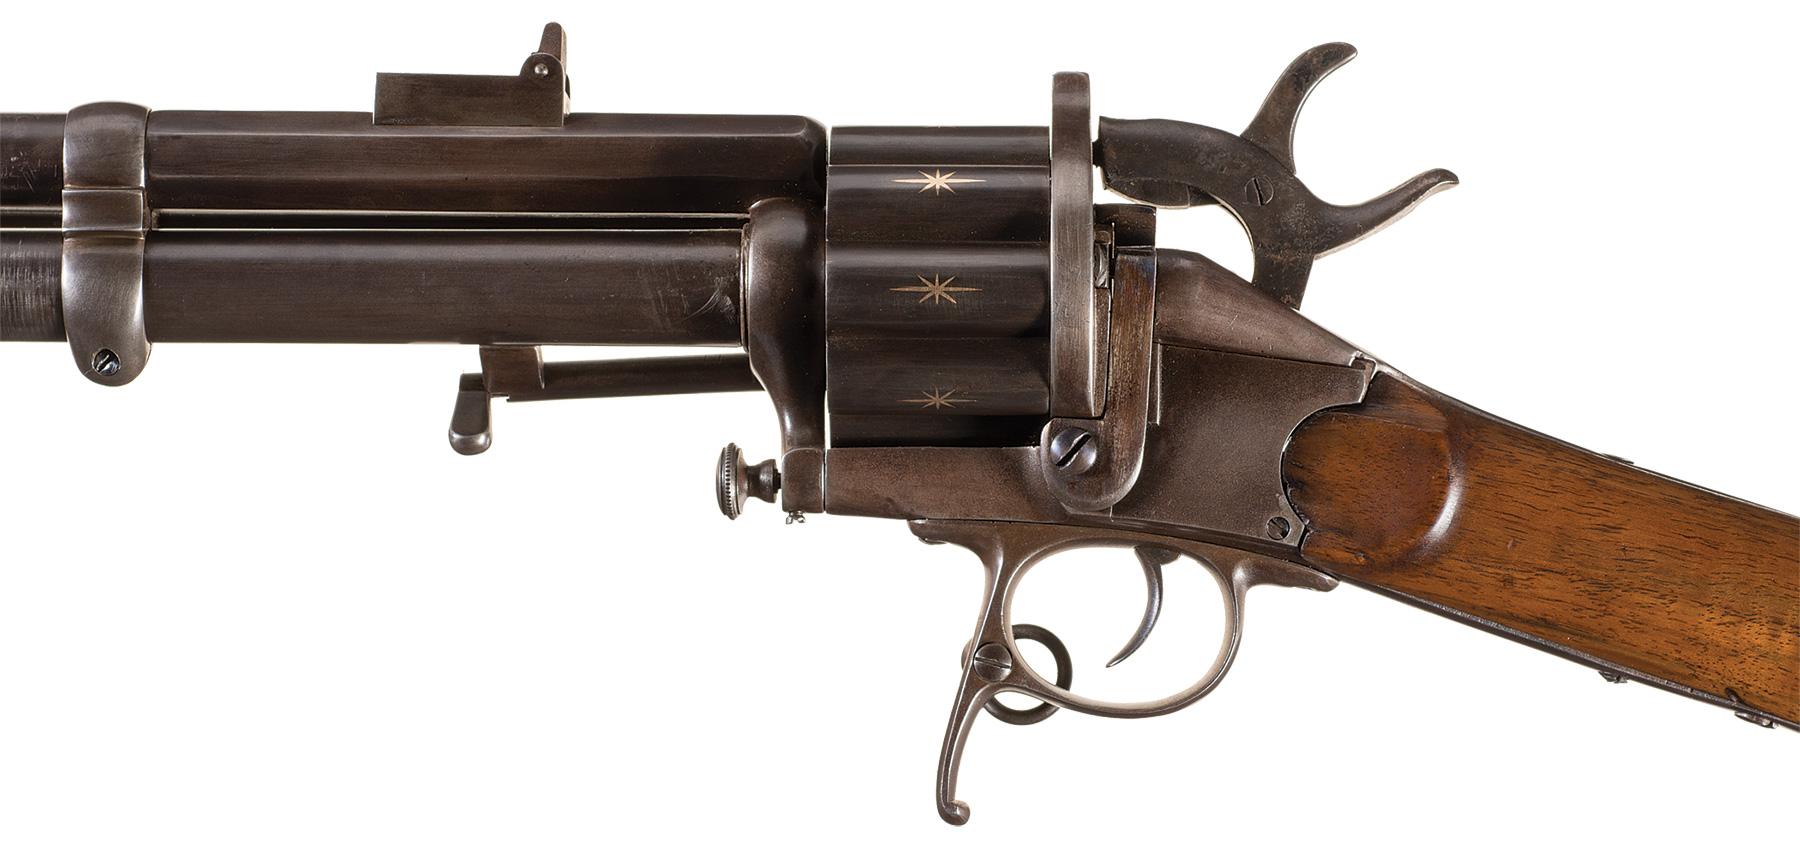 Le Mat centerfire carbine